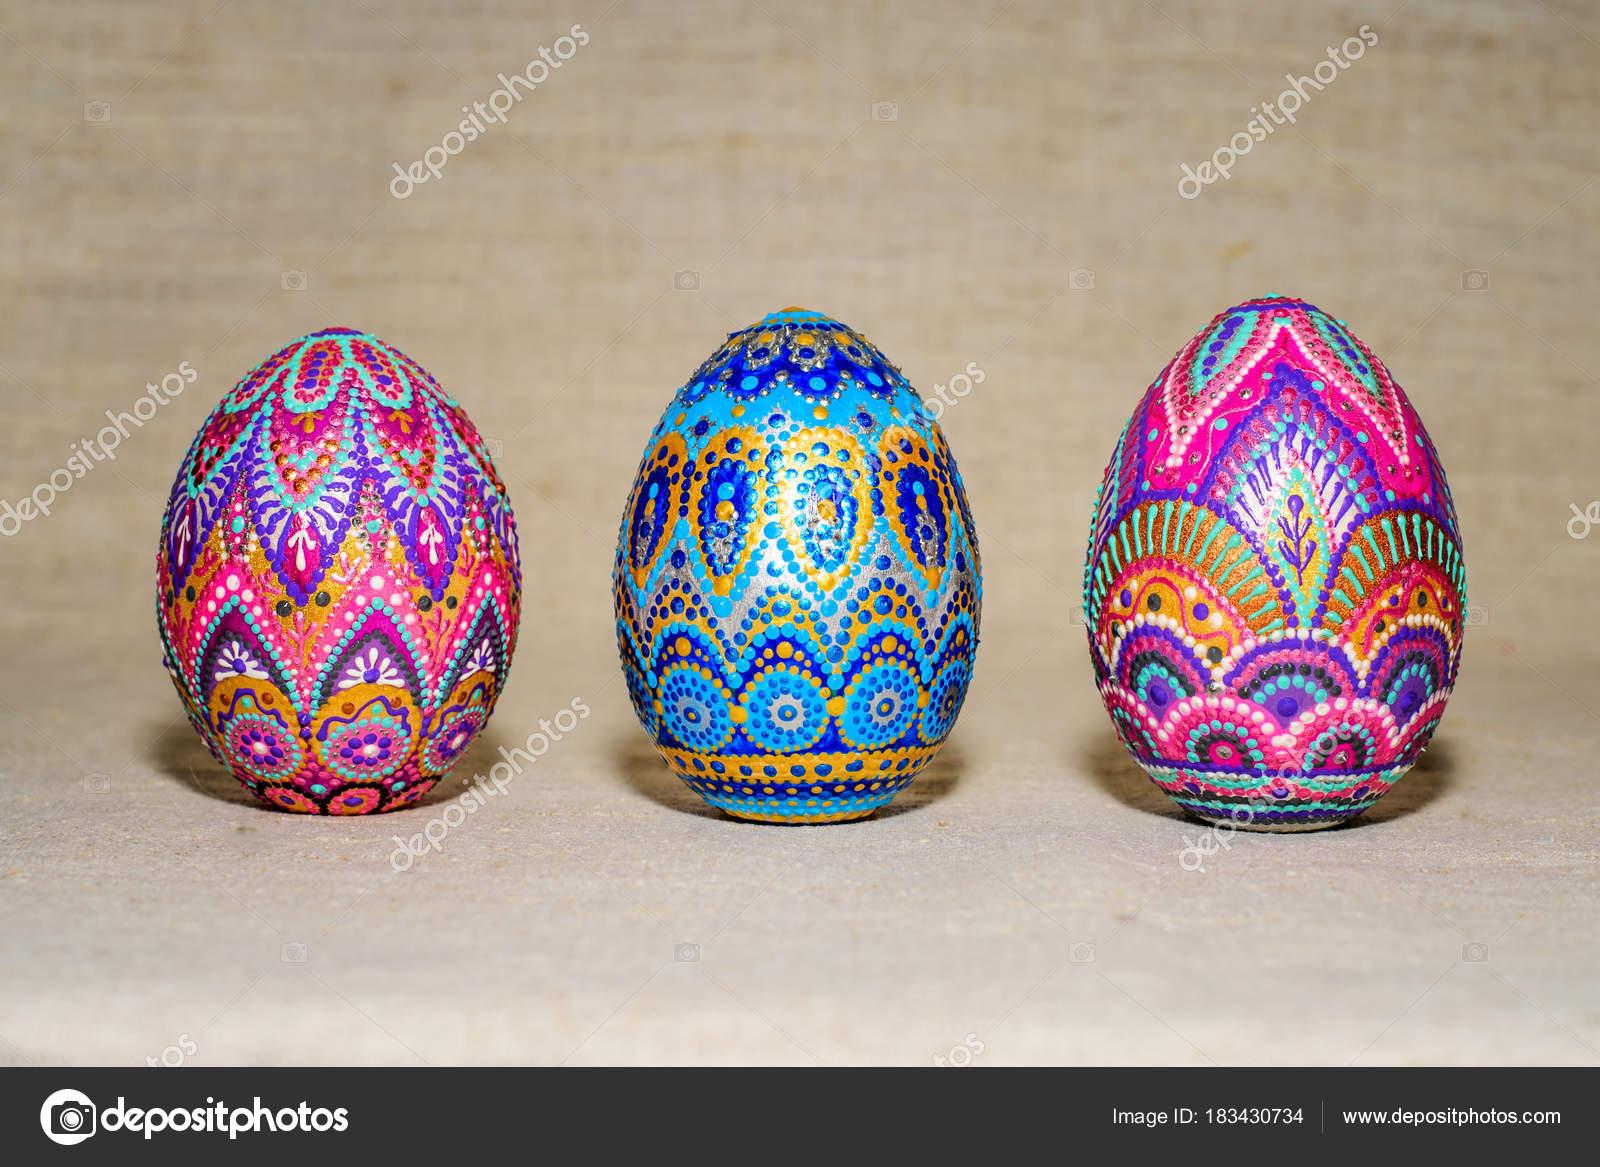 Uova Di Ceramica Dipinte A Mano.Uova Di Pasqua Dipinte A Mano Con Colori Acrilici Arte Foto Stock